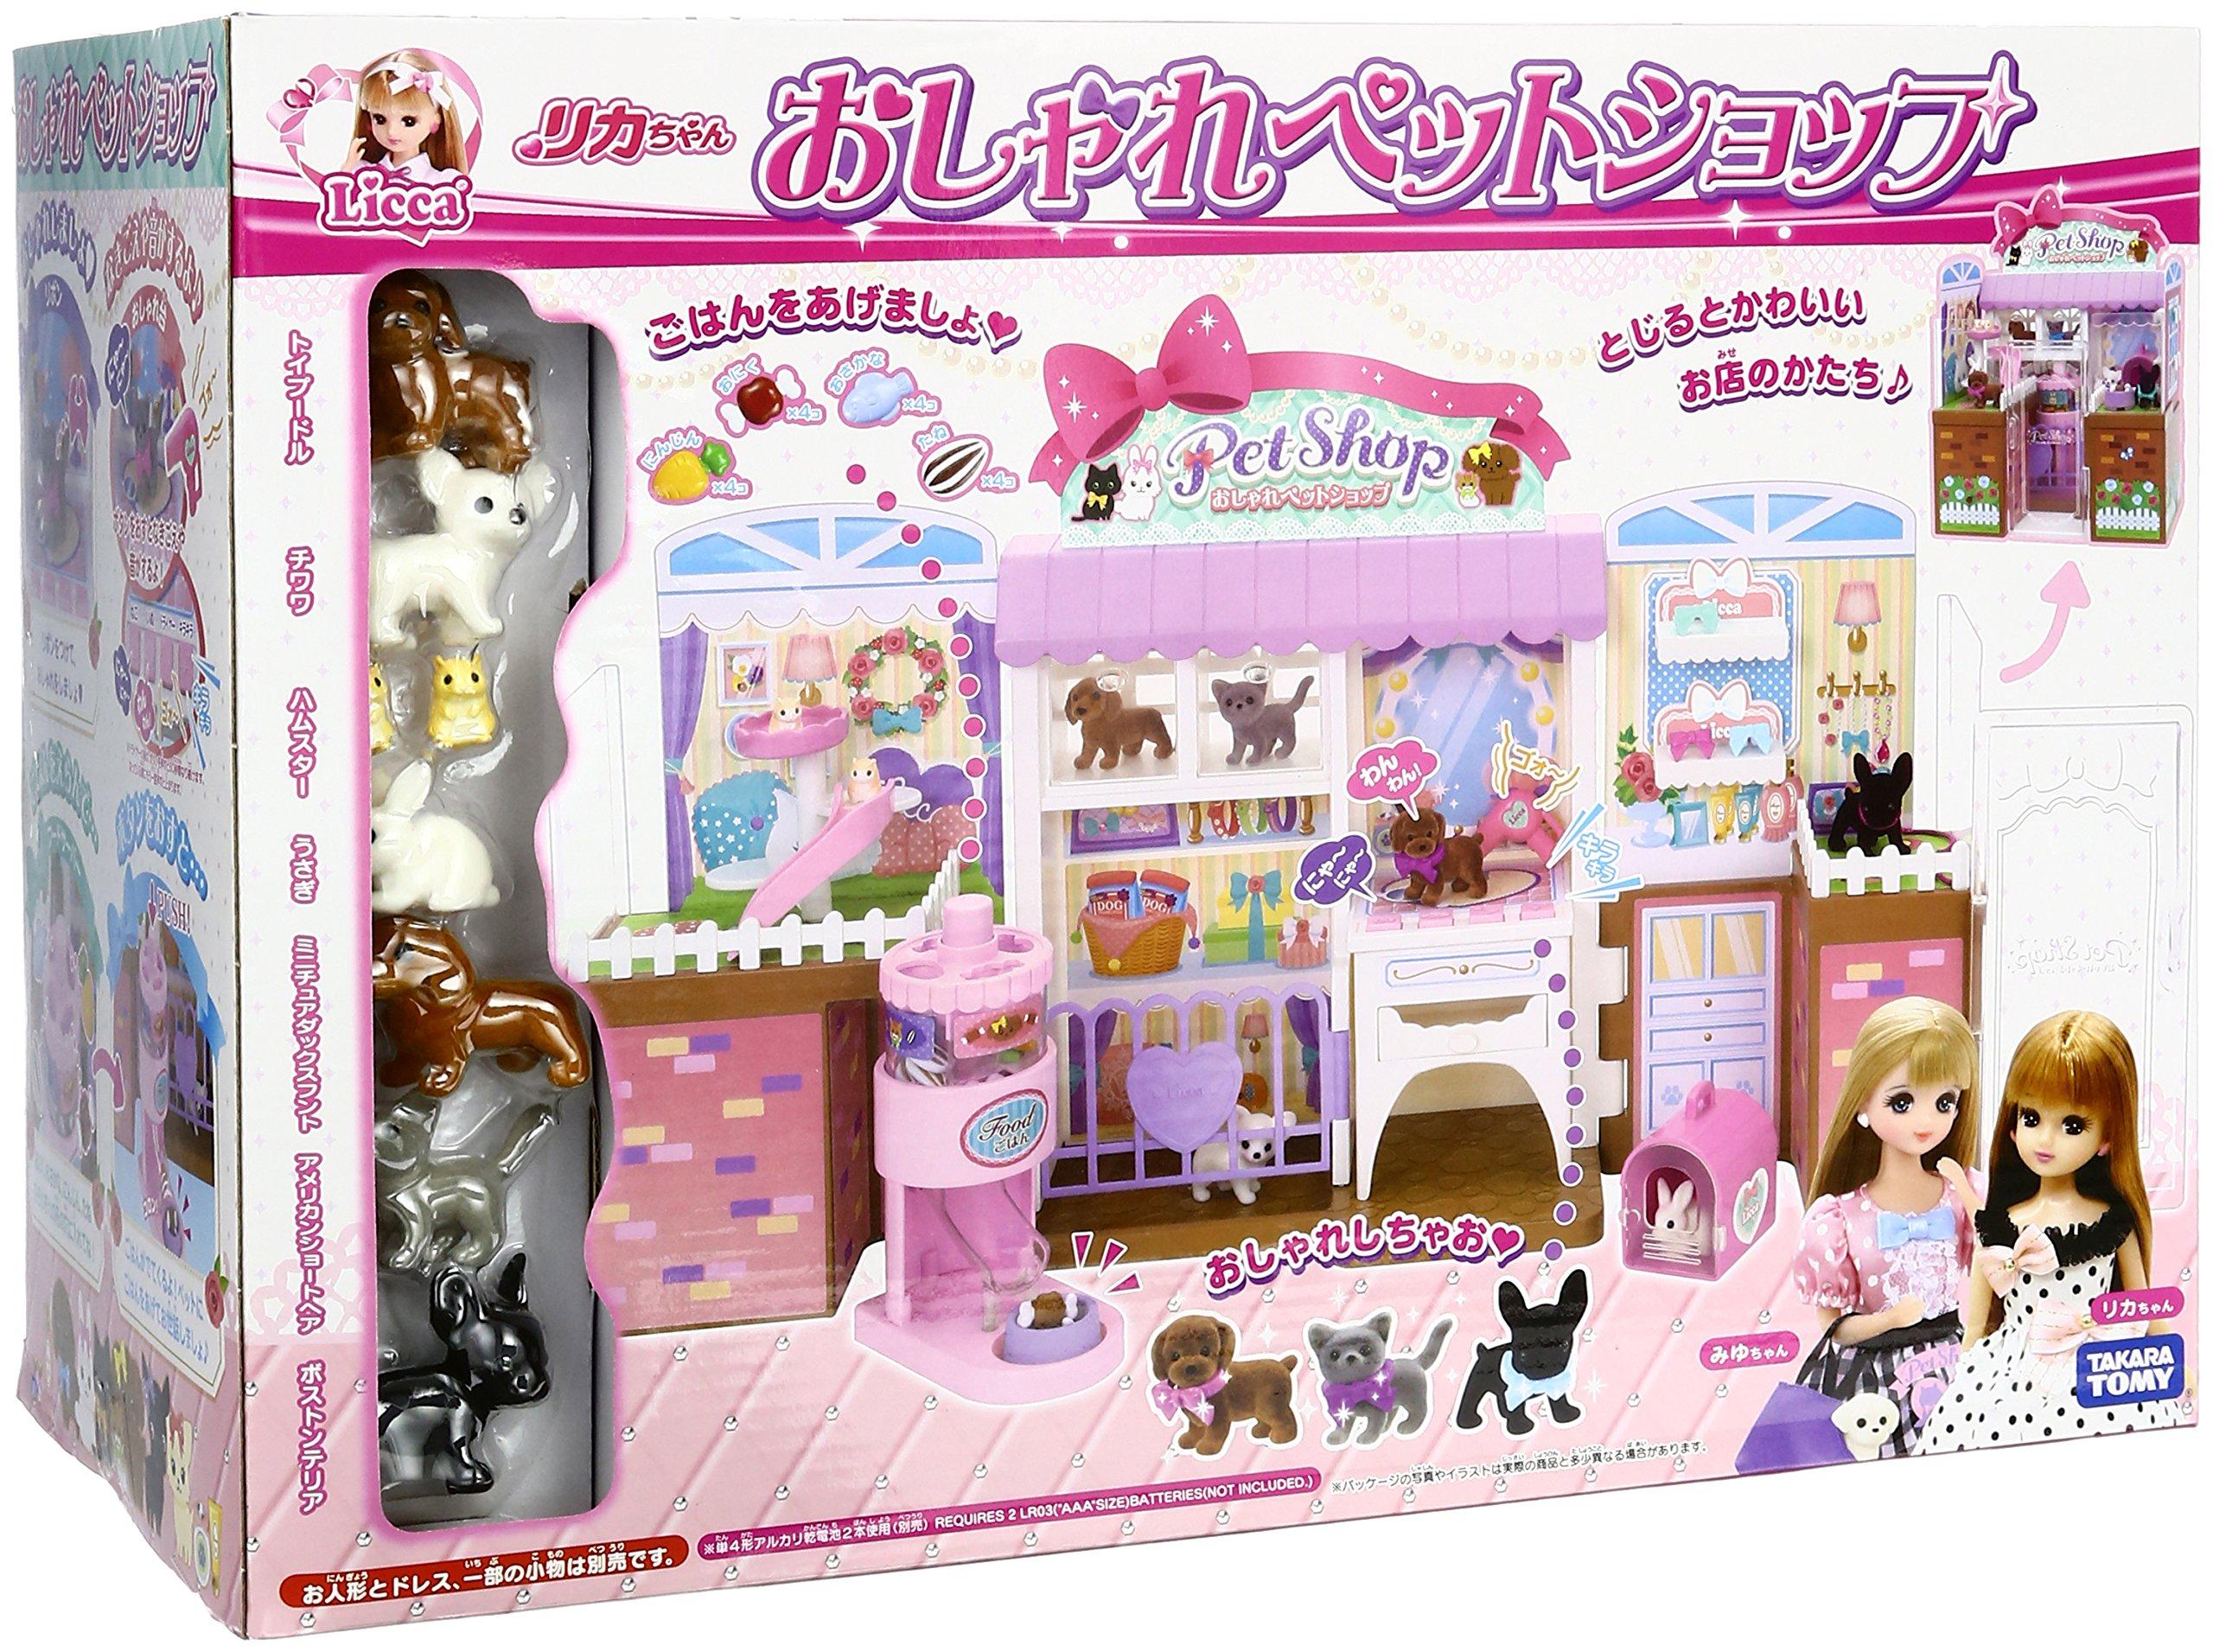 Licca fashionable pet shop